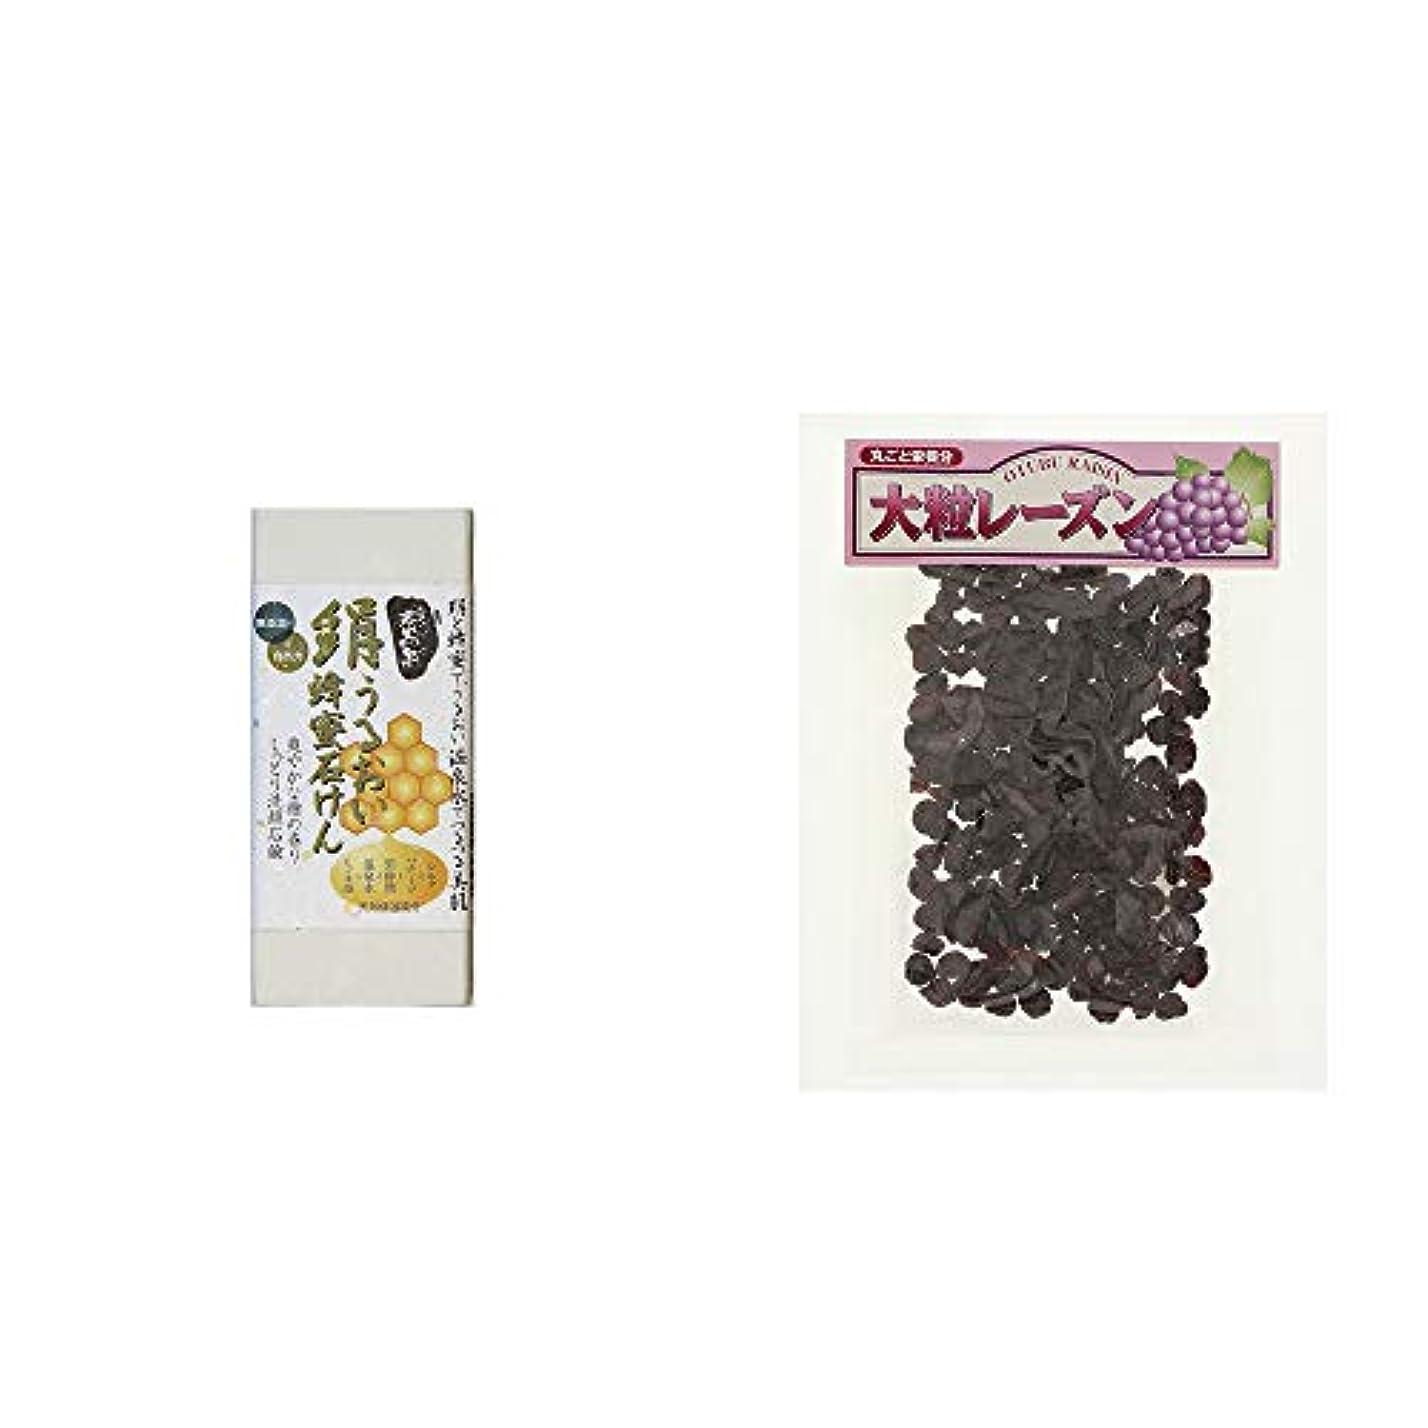 仮称ましい水没[2点セット] ひのき炭黒泉 絹うるおい蜂蜜石けん(75g×2)?大粒レーズン(280g)